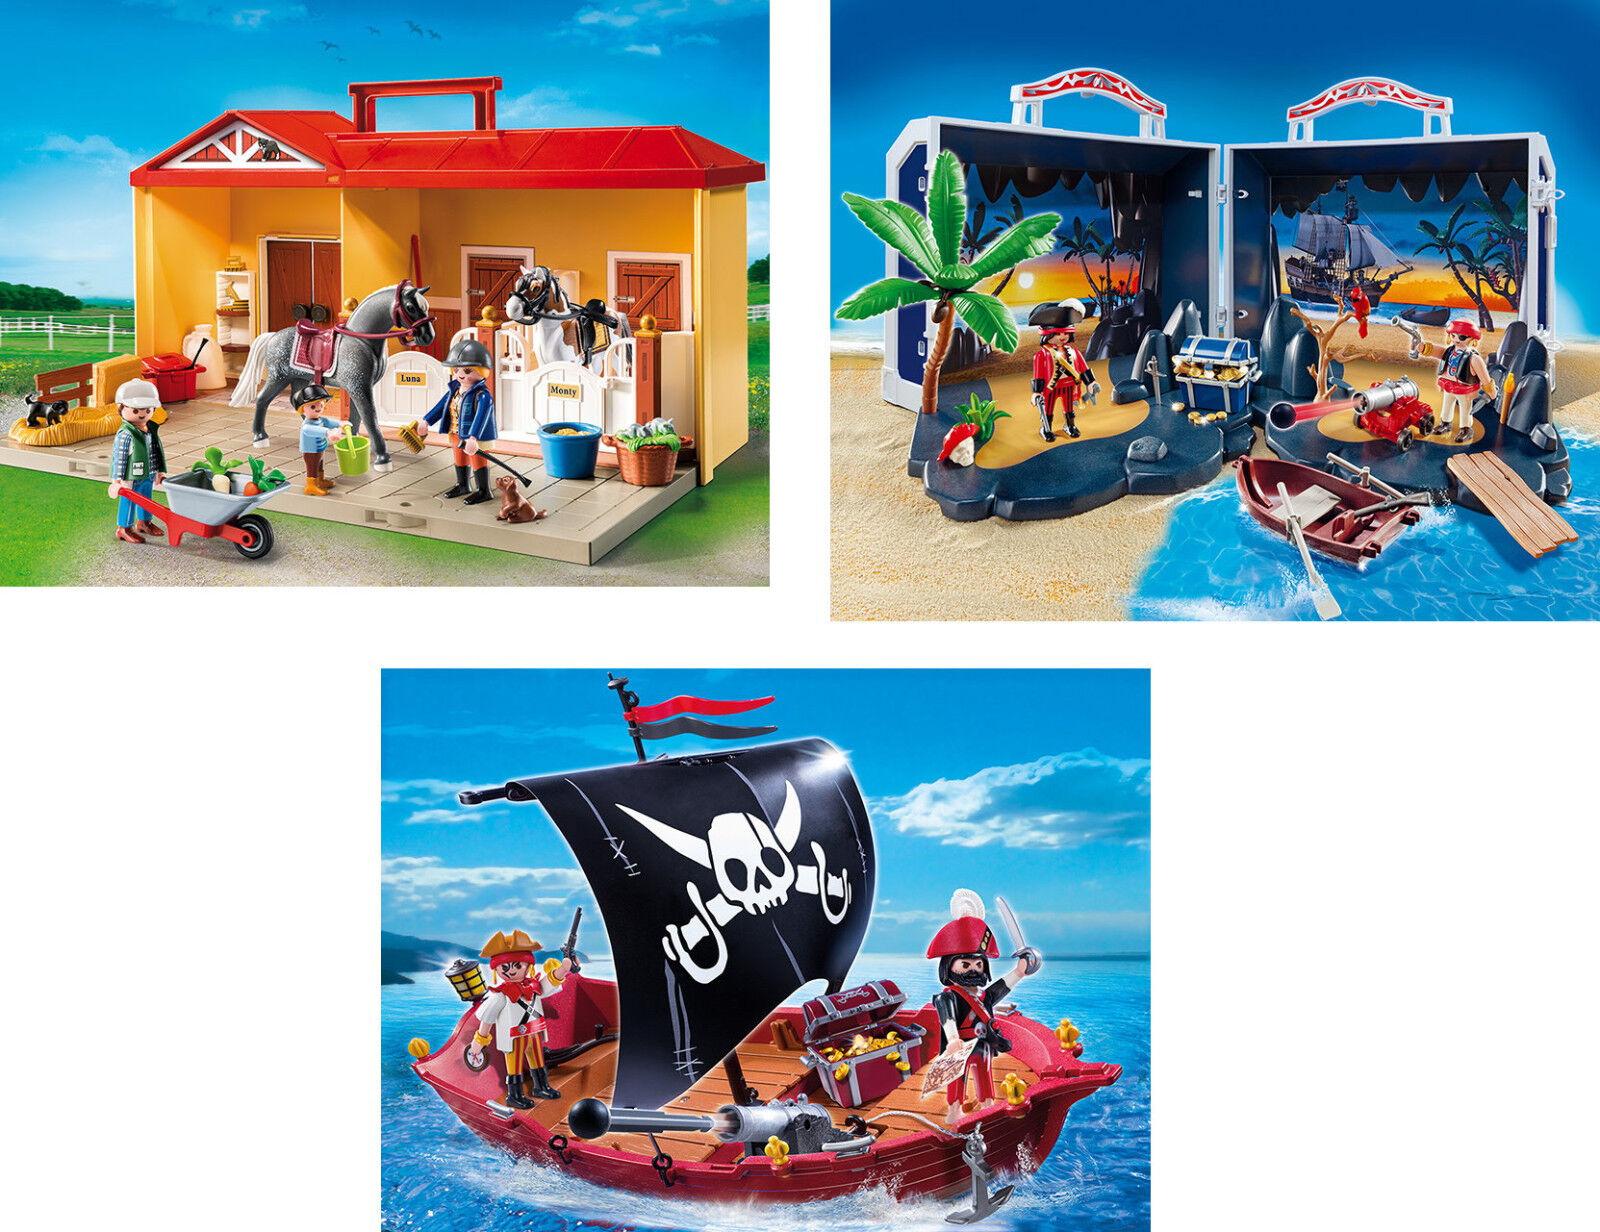 Playmobil-équestre, Vitrine-Ware, 5348 + 5348 et 5298